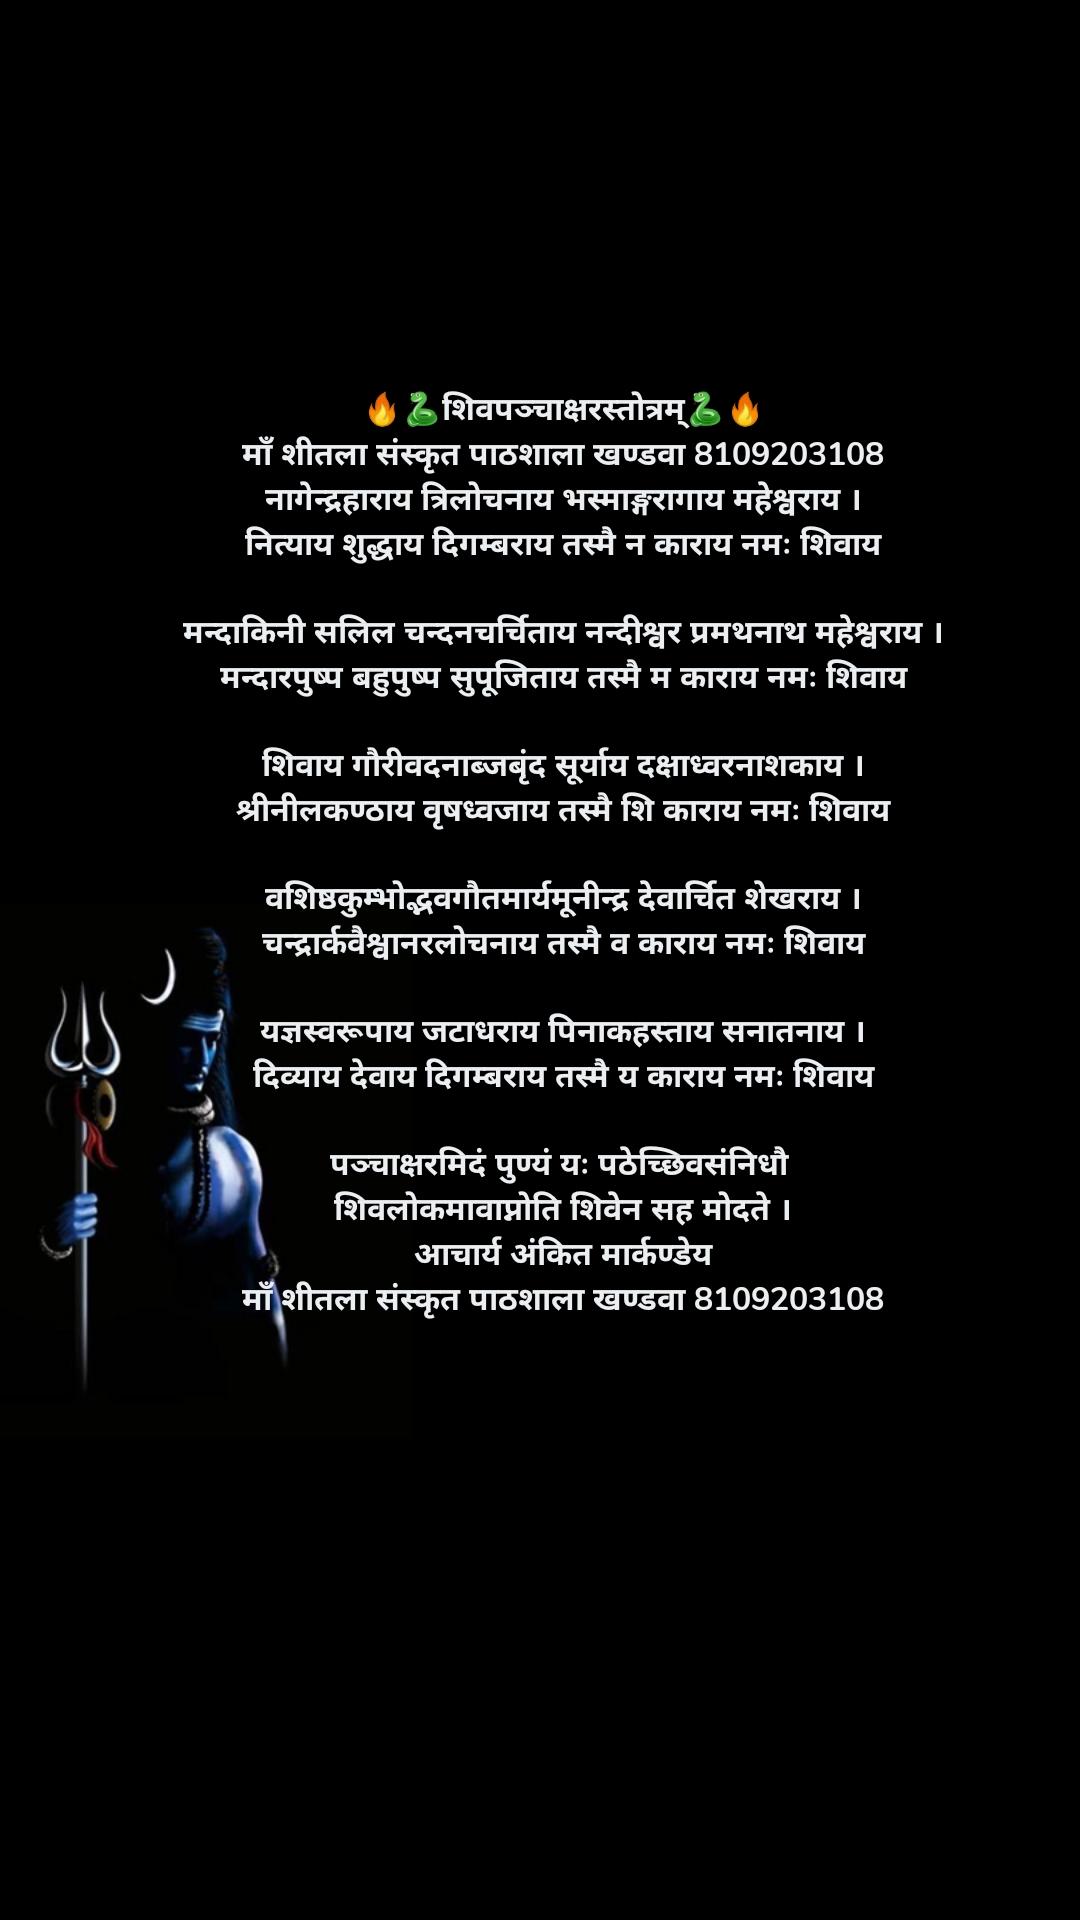 🔥🐍शिवपञ्चाक्षरस्तोत्रम्🐍🔥 माँ शीतला संस्कृत पाठशाला खण्डवा 8109203108 नागेन्द्रहाराय त्रिलोचनाय भस्माङ्गरागाय महेश्वराय । नित्याय शुद्धाय दिगम्बराय तस्मै न काराय नमः शिवाय  मन्दाकिनी सलिल चन्दनचर्चिताय नन्दीश्वर प्रमथनाथ महेश्वराय । मन्दारपुष्प बहुपुष्प सुपूजिताय तस्मै म काराय नमः शिवाय  शिवाय गौरीवदनाब्जबृंद सूर्याय दक्षाध्वरनाशकाय । श्रीनीलकण्ठाय वृषध्वजाय तस्मै शि काराय नमः शिवाय  वशिष्ठकुम्भोद्भवगौतमार्यमूनीन्द्र देवार्चित शेखराय । चन्द्रार्कवैश्वानरलोचनाय तस्मै व काराय नमः शिवाय  यज्ञस्वरूपाय जटाधराय पिनाकहस्ताय सनातनाय । दिव्याय देवाय दिगम्बराय तस्मै य काराय नमः शिवाय  पञ्चाक्षरमिदं पुण्यं यः पठेच्छिवसंनिधौ  शिवलोकमावाप्नोति शिवेन सह मोदते । आचार्य अंकित मार्कण्डेय माँ शीतला संस्कृत पाठशाला खण्डवा 8109203108